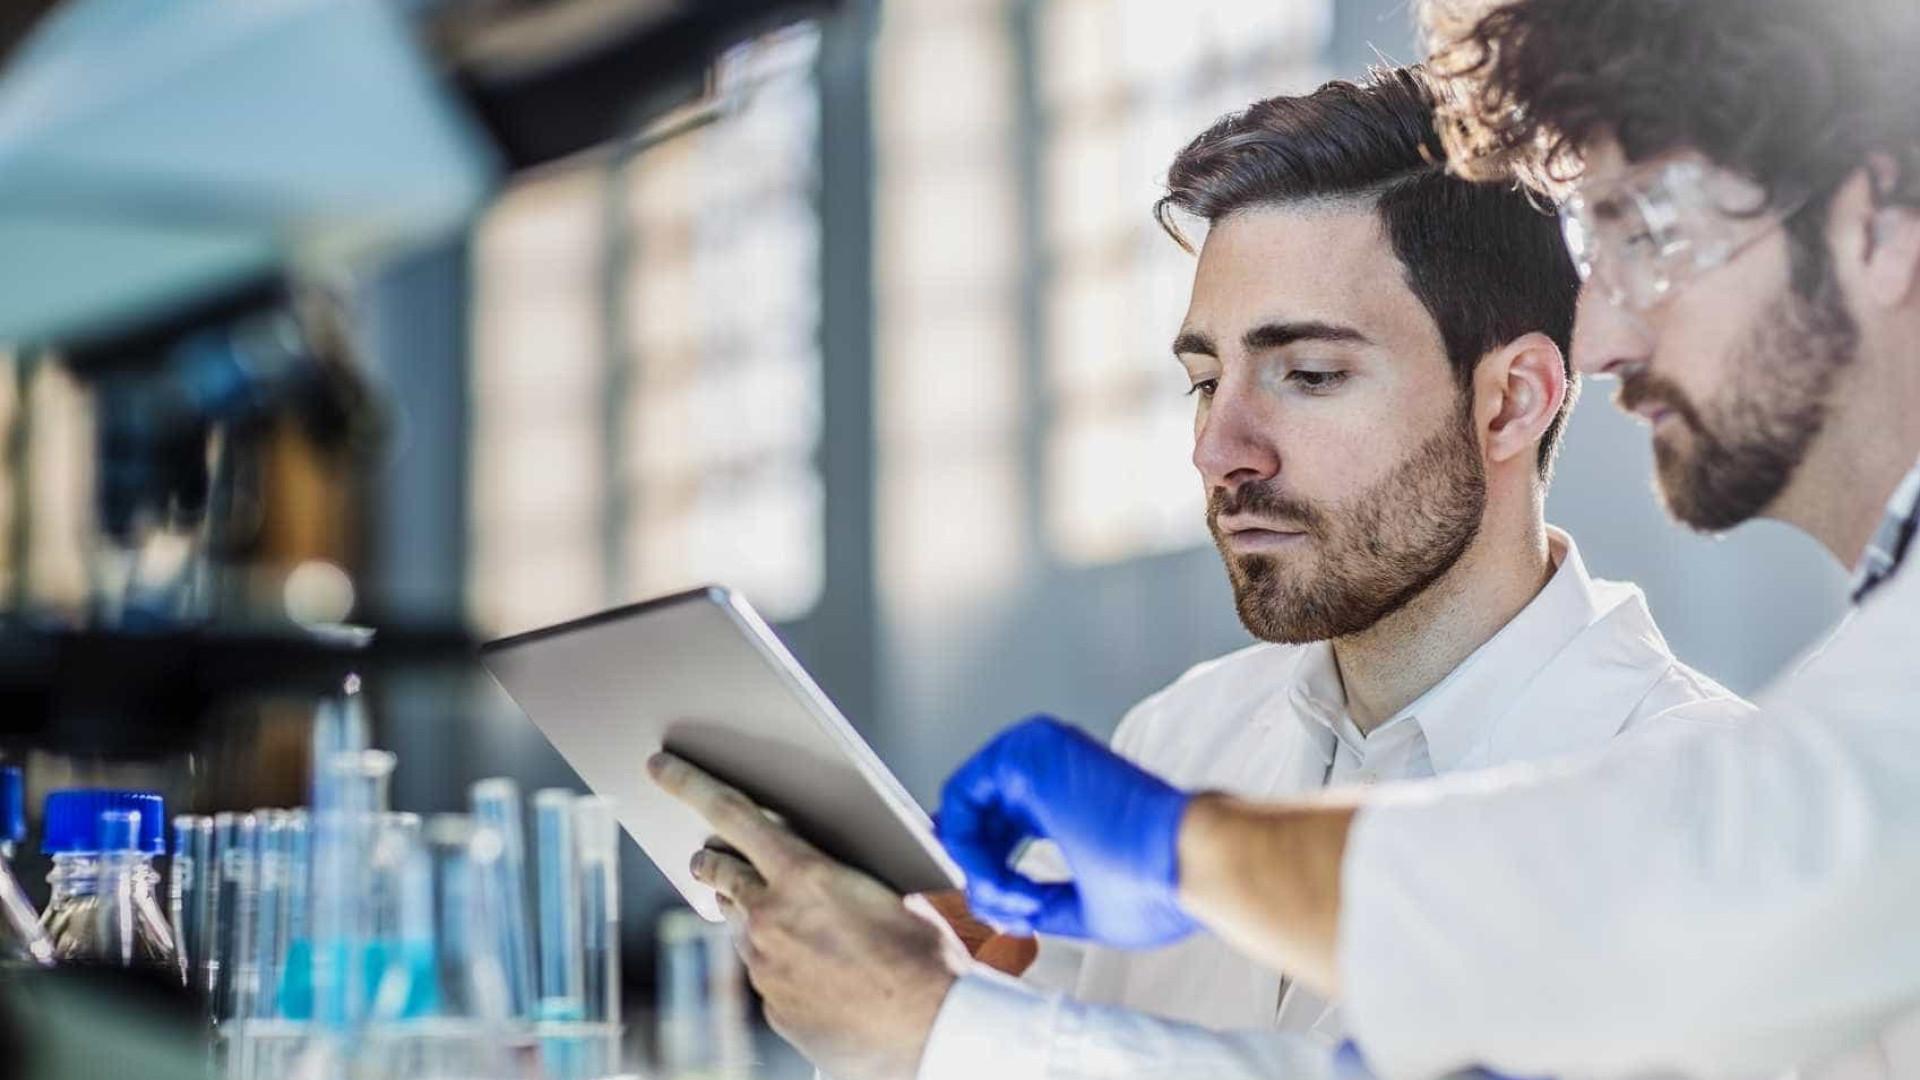 La Caixa apoia projetos de investigação biomédica portugueses